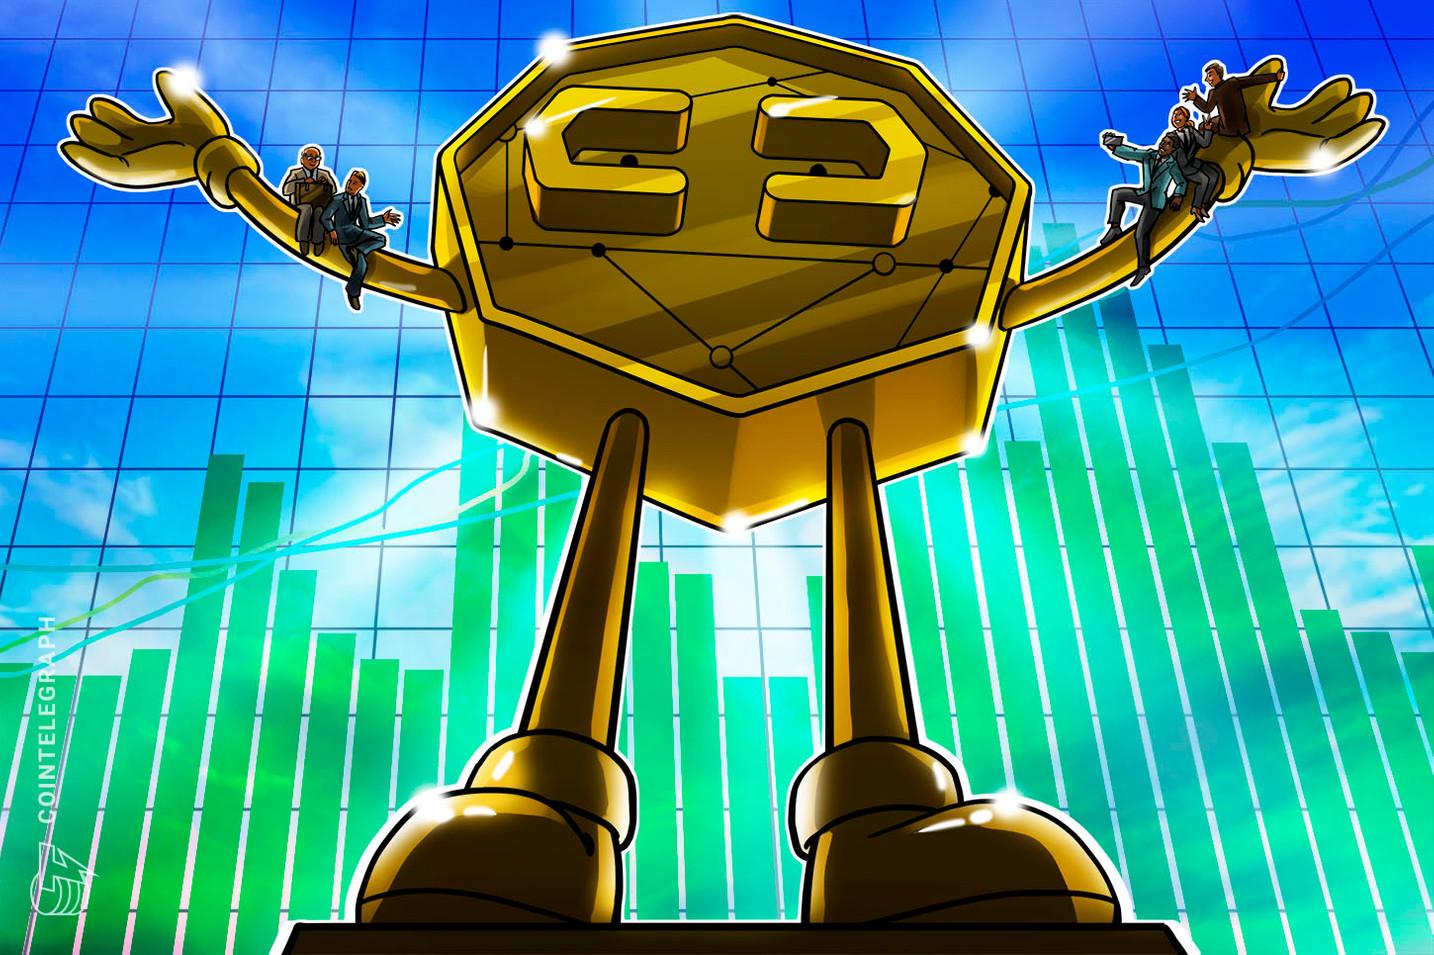 Mercados cripto registram alta, Bitcoin é negociado perto dos US$ 10.000